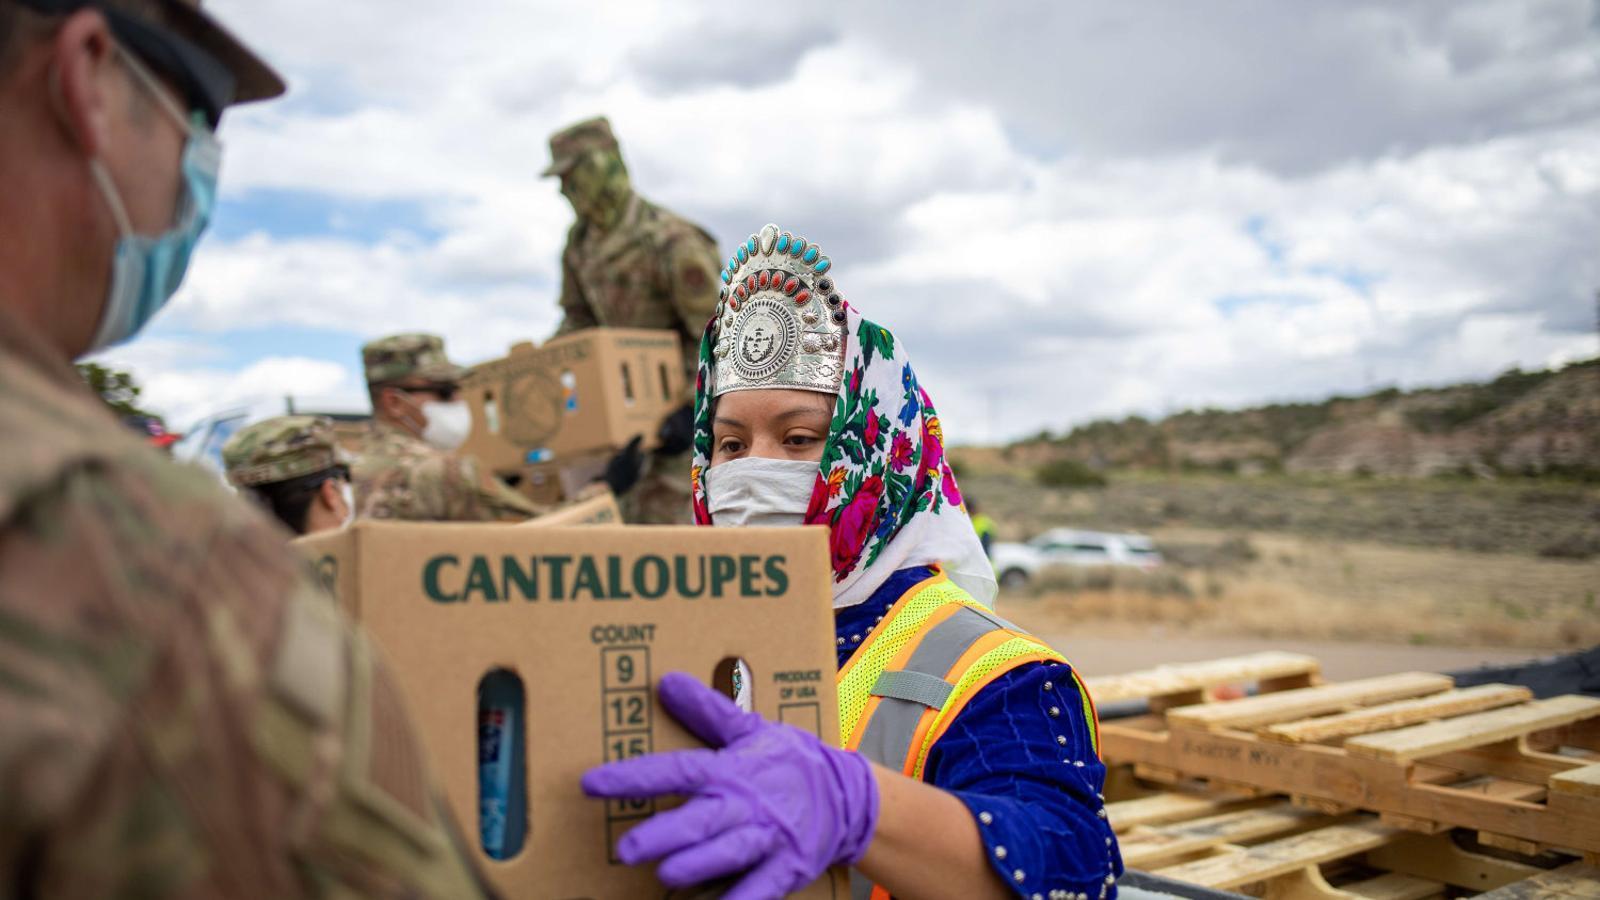 El coronavirus s'acarnissa amb els pobles indígenes